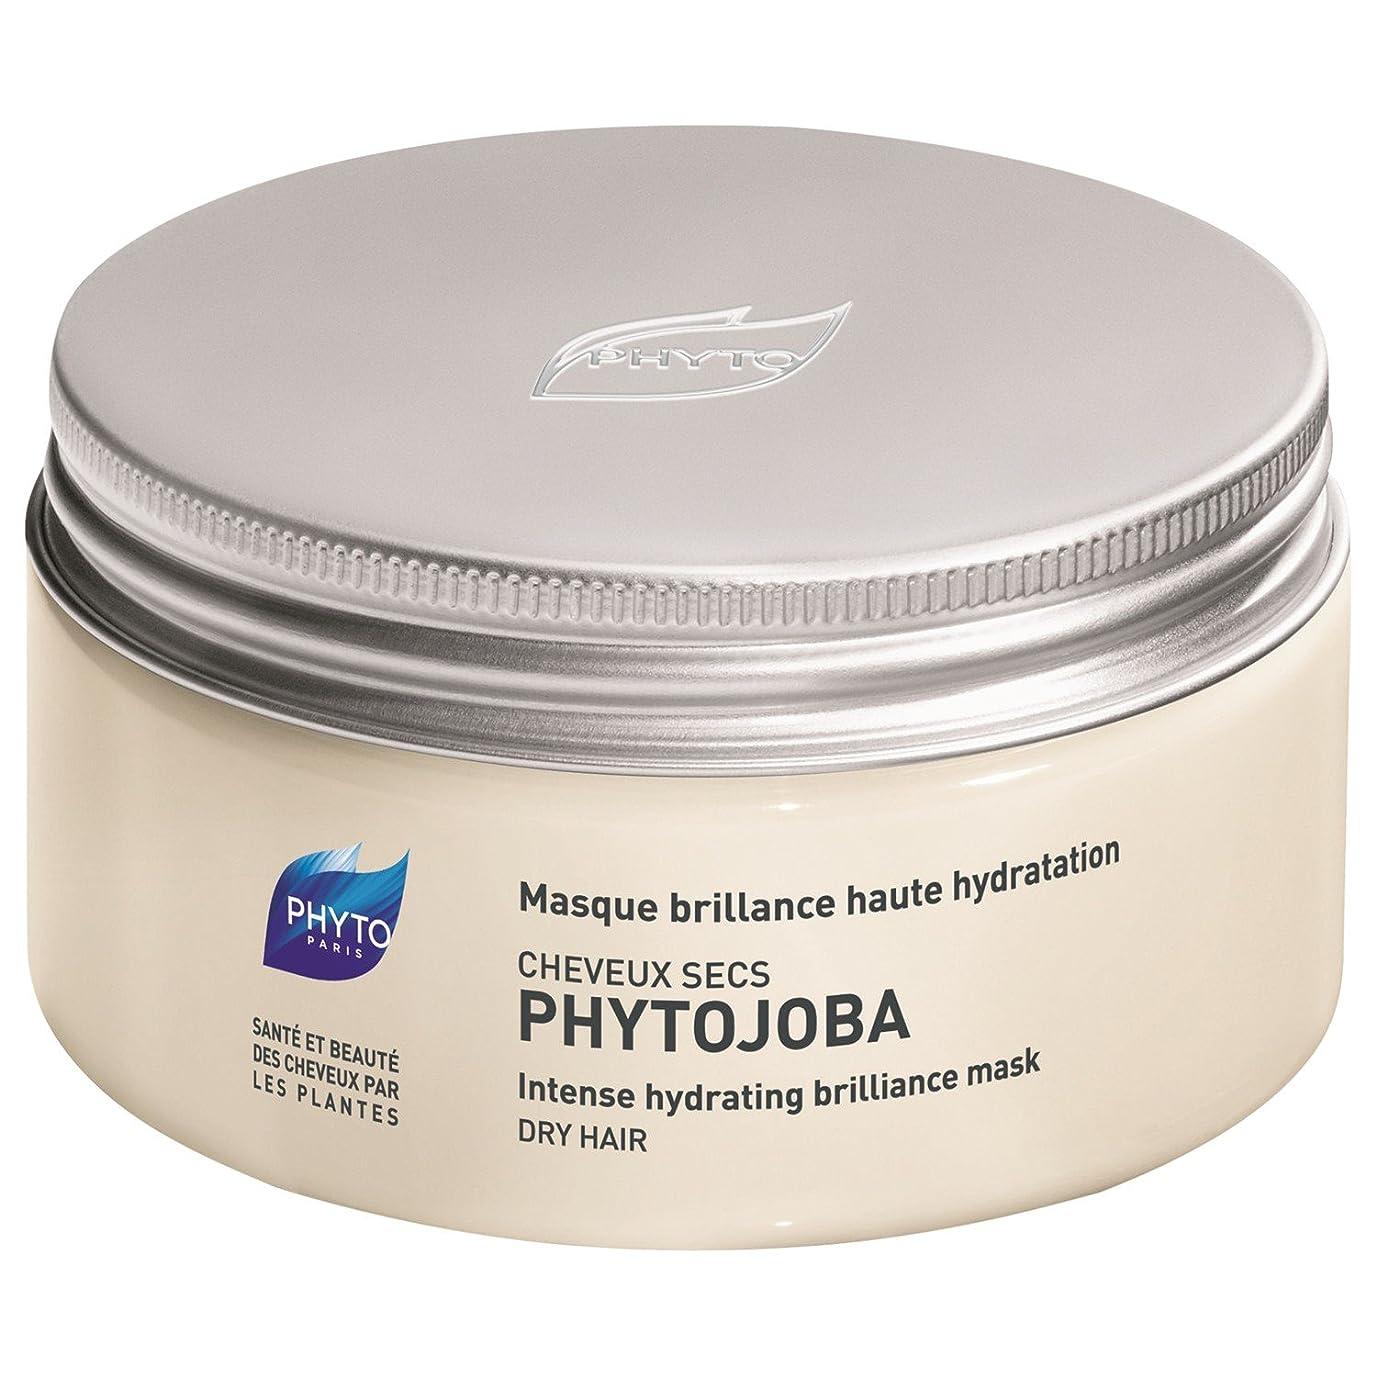 不適当忠誠マルコポーロフィトPhytojoba強烈な水分補給マスク200ミリリットル (Phyto) (x2) - Phyto Phytojoba Intense Hydrating Mask 200ml (Pack of 2) [並行輸入品]